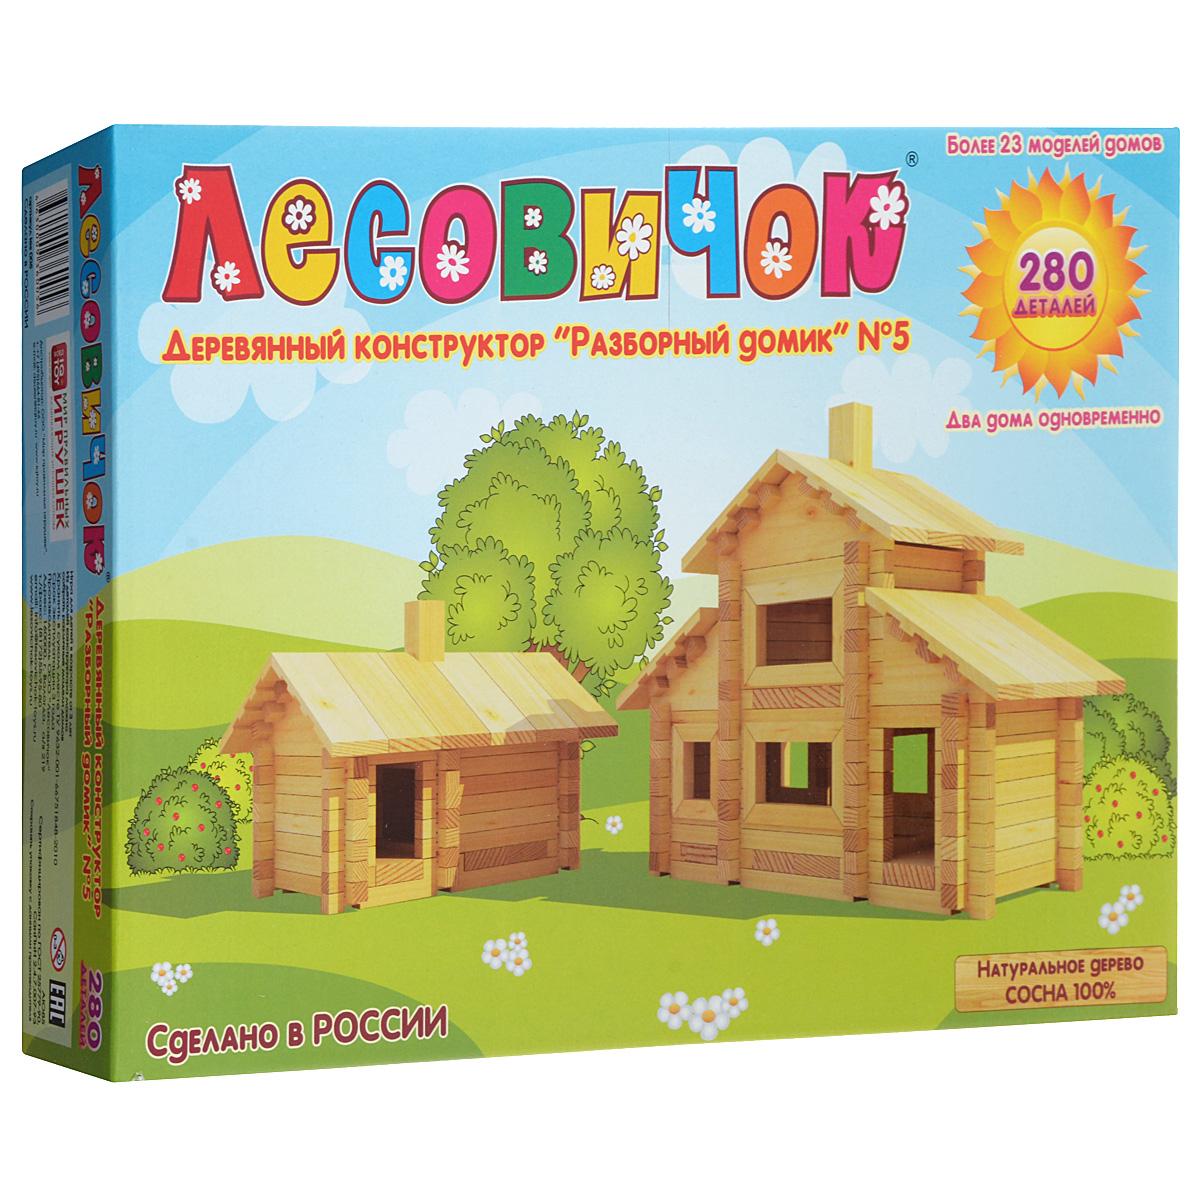 Лесовичок Конструктор Разборный домик №5les 005С помощью элементов конструктора из натурального дерева Лесовичок, ребенок сможет построить миниатюрную модель деревянного домика. Все детали конструкторов Разборный домик подходят друг к другу. Различие между наборами заключается в количестве и разнообразии деталей, и, как следствие, в количестве и сложности домиков, которые можно построить из данного набора. Каждый следующий набор, как правило, включает в себя всё разнообразие деталей из предыдущего, и, в тоже время, новые их виды. Каждый набор из серии конструкторов «Разборный домик» содержит подробную инструкцию по сборке домиков с поэтапными планами их постройки.